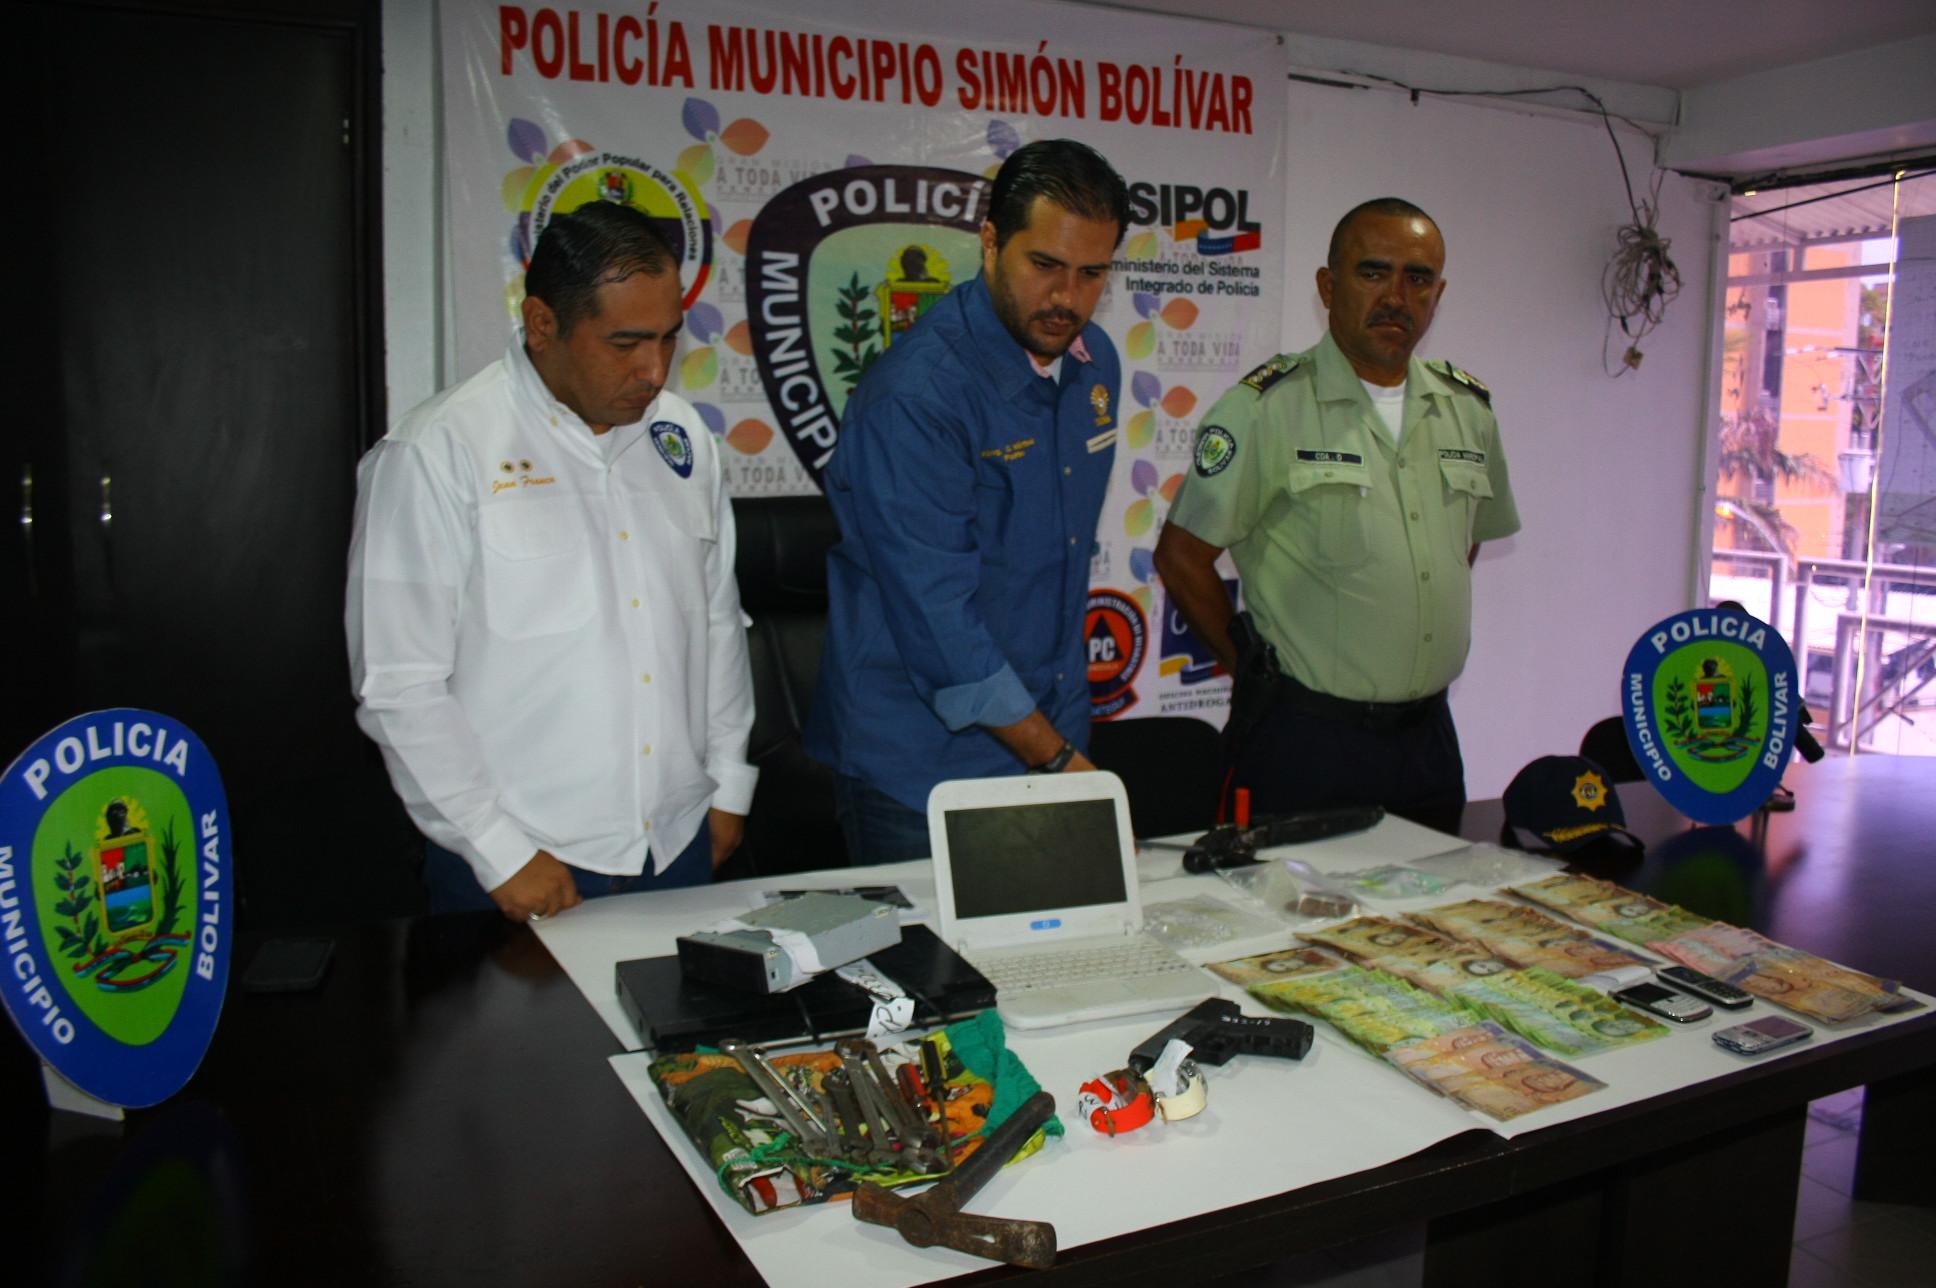 Polibolívar aprehendió a más  de 100 sujetos durante mayo